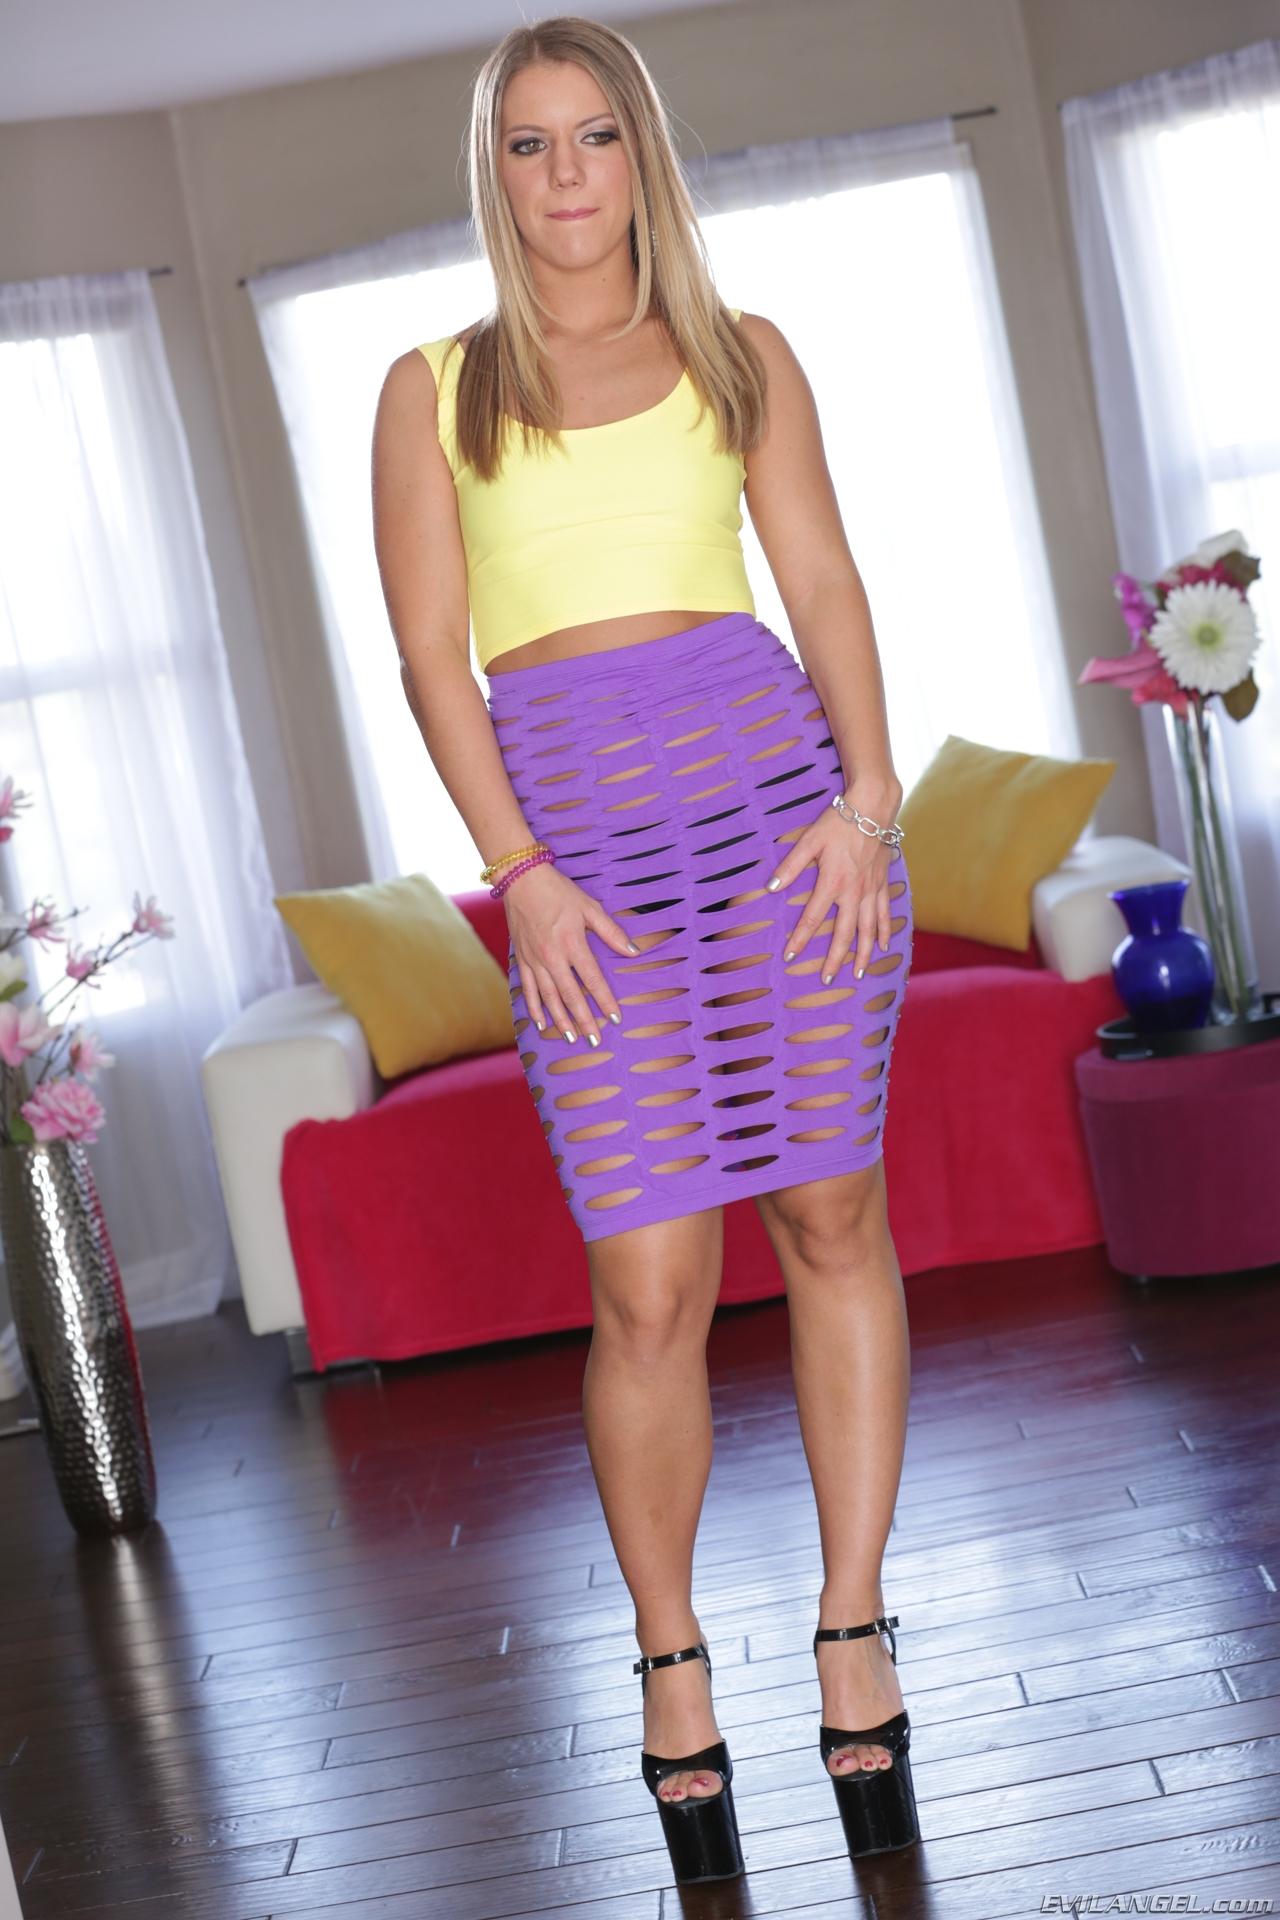 Candice Dare - El arte de mostrar la conchita